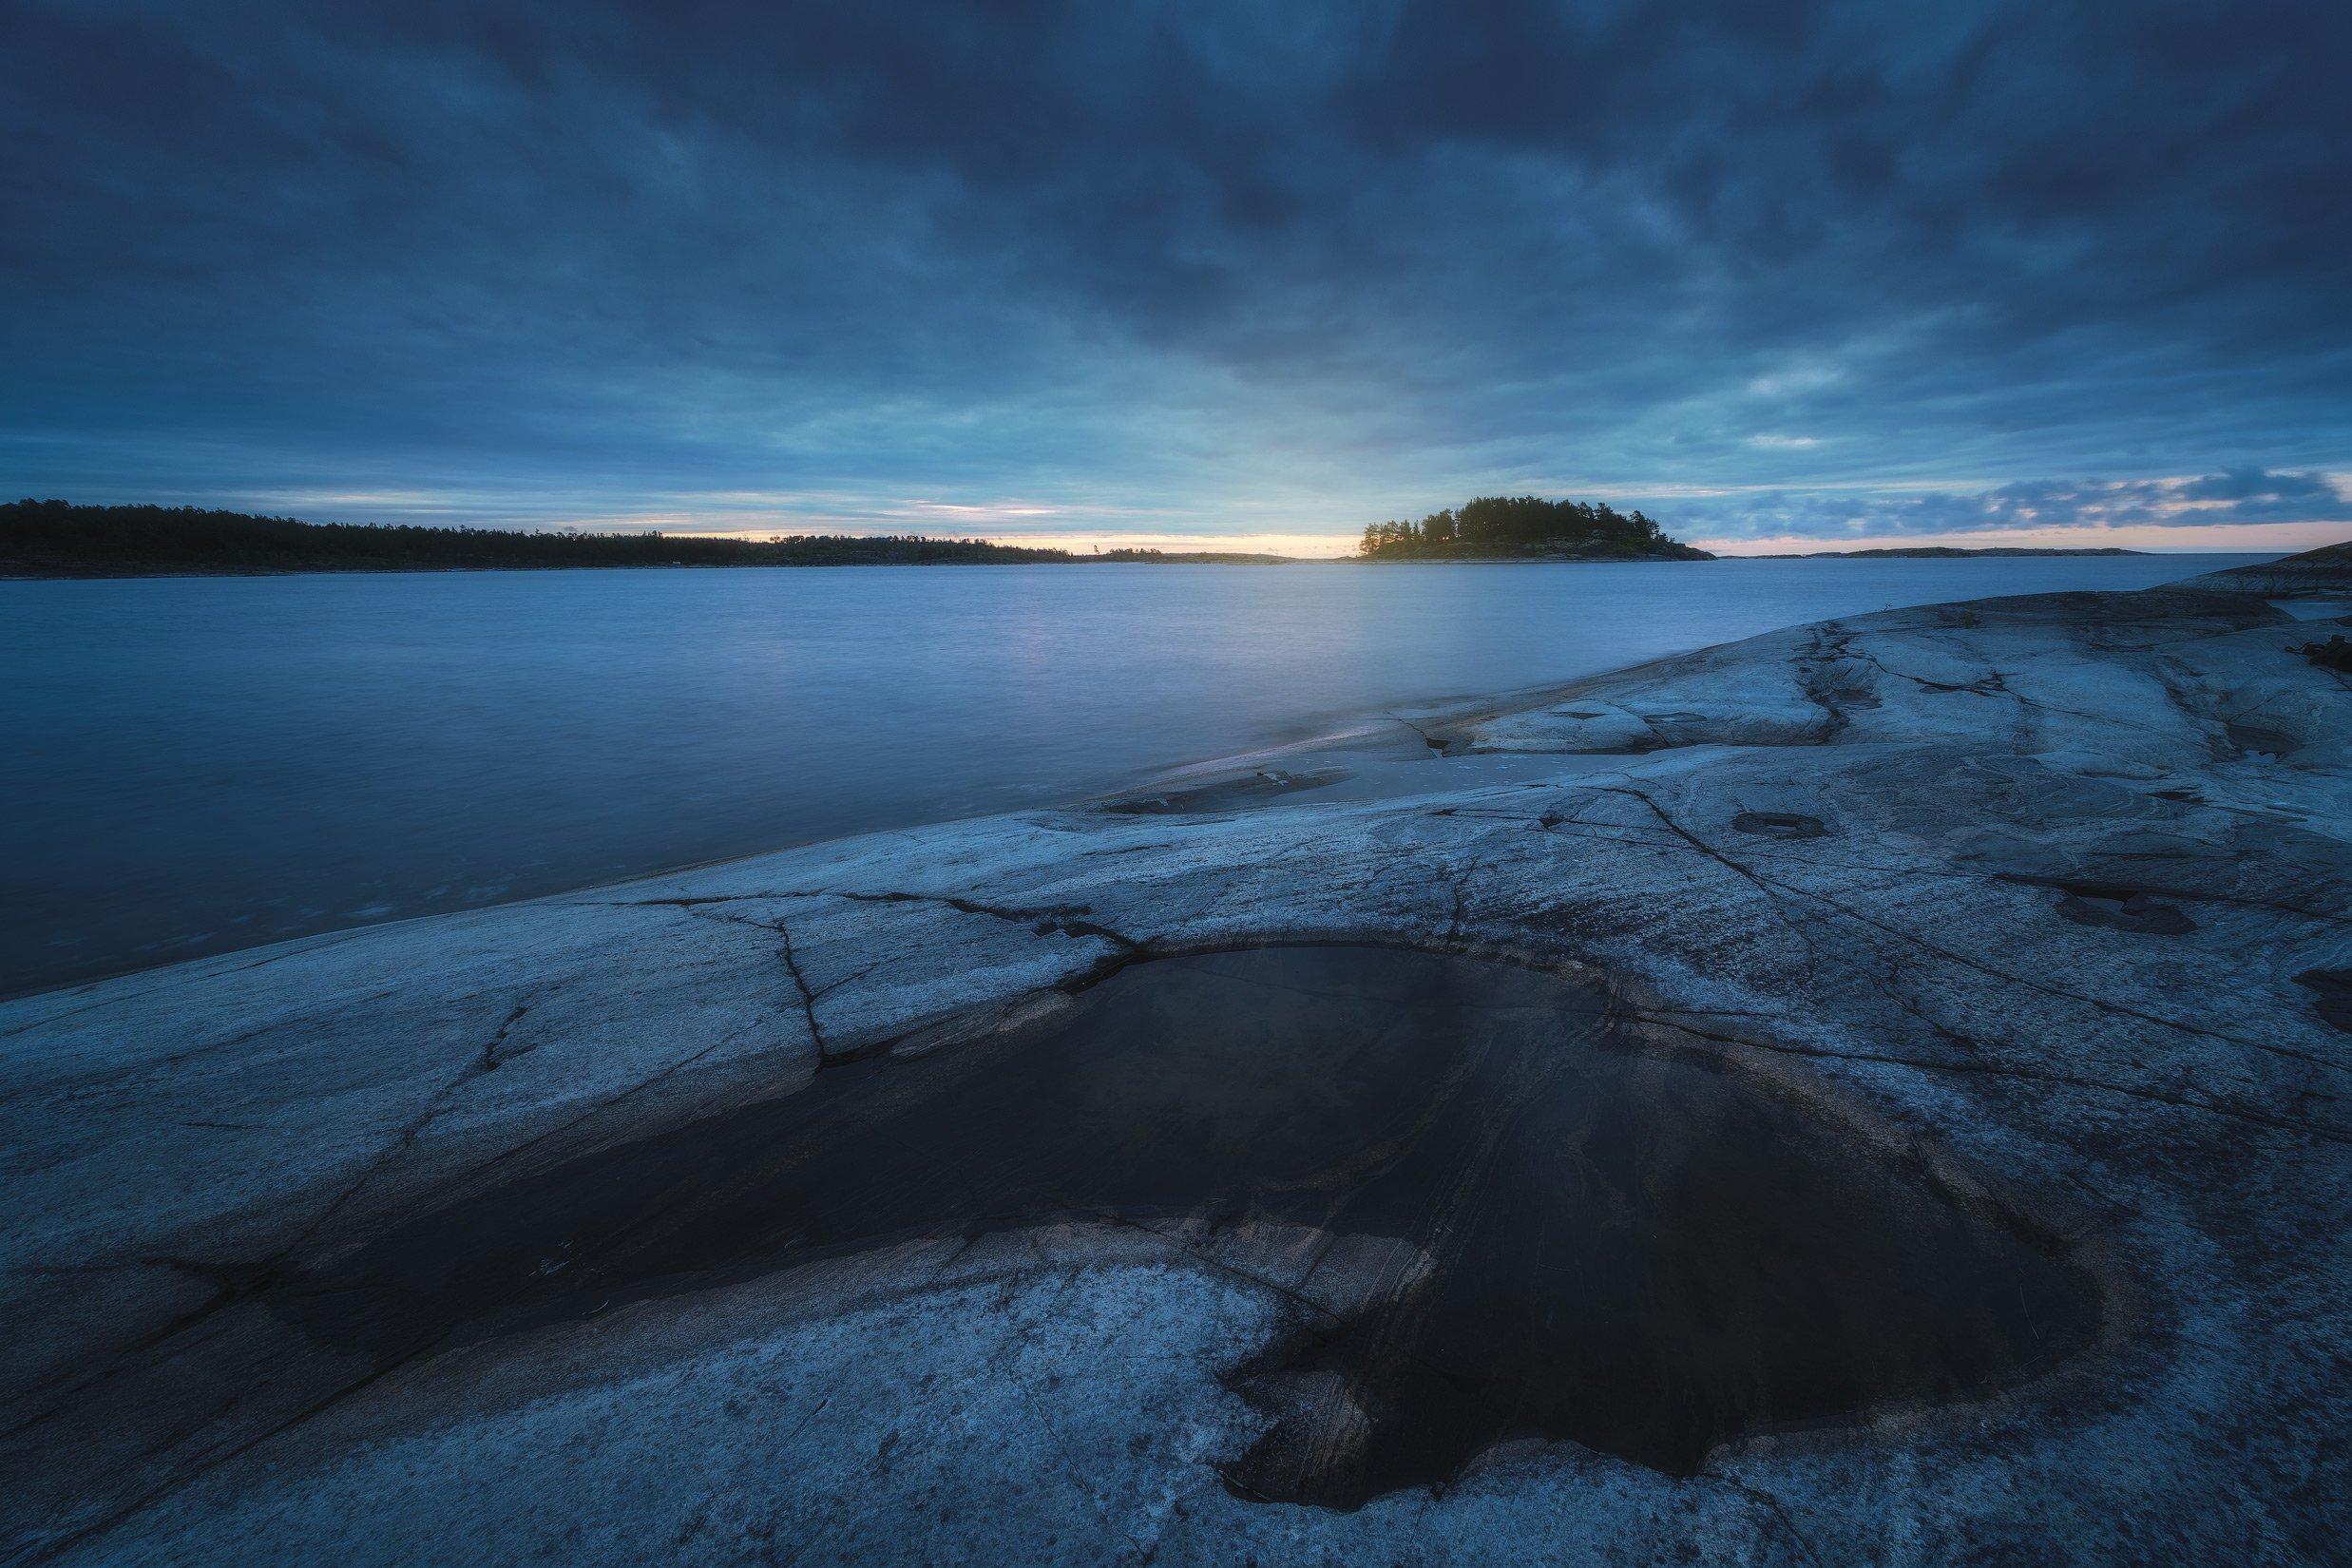 россия, карелия, ладога, ладожские шхеры, ладожское озеро, природа, пейзаж, лето, север, рассвет, озеро, тайга, отражения, скалы, восход солнца, Оборотов Алексей